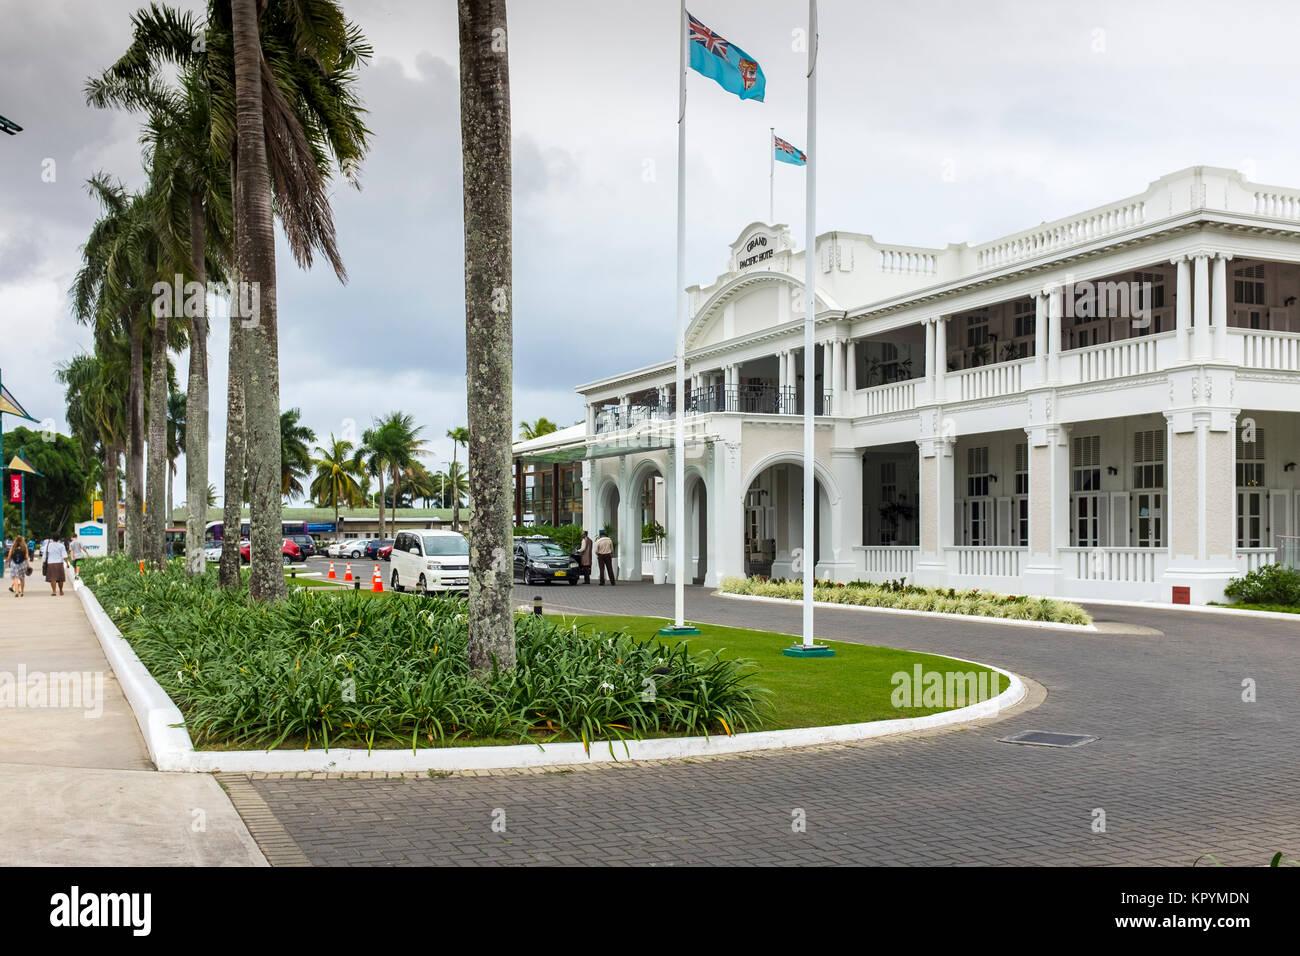 Grand Pacific Hotel Victoria Parade Suva Fiji Stock Photo Alamy